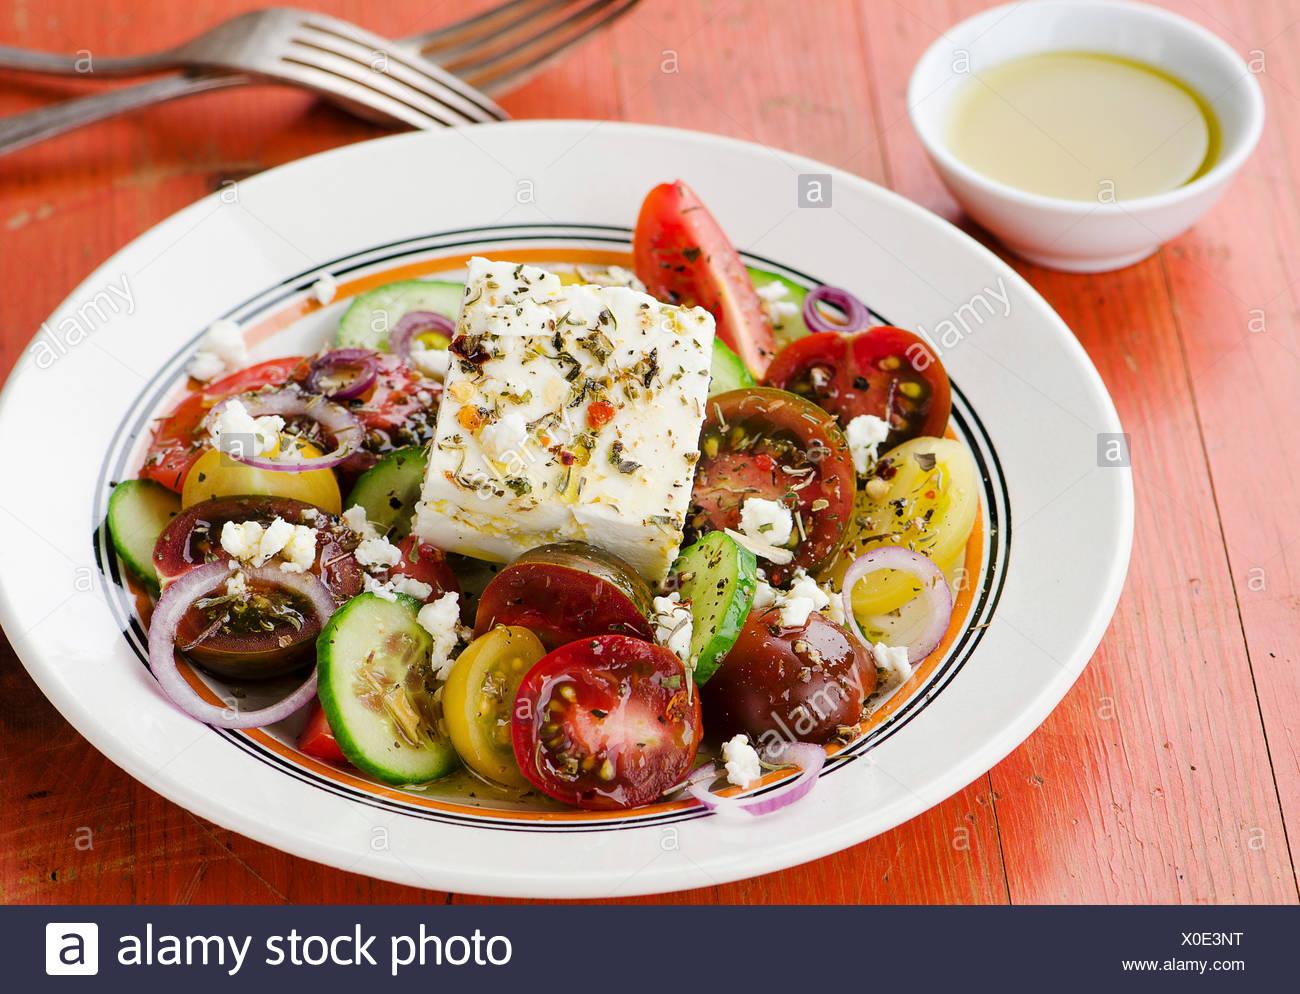 Salade grecque à la feta Banque D'Images